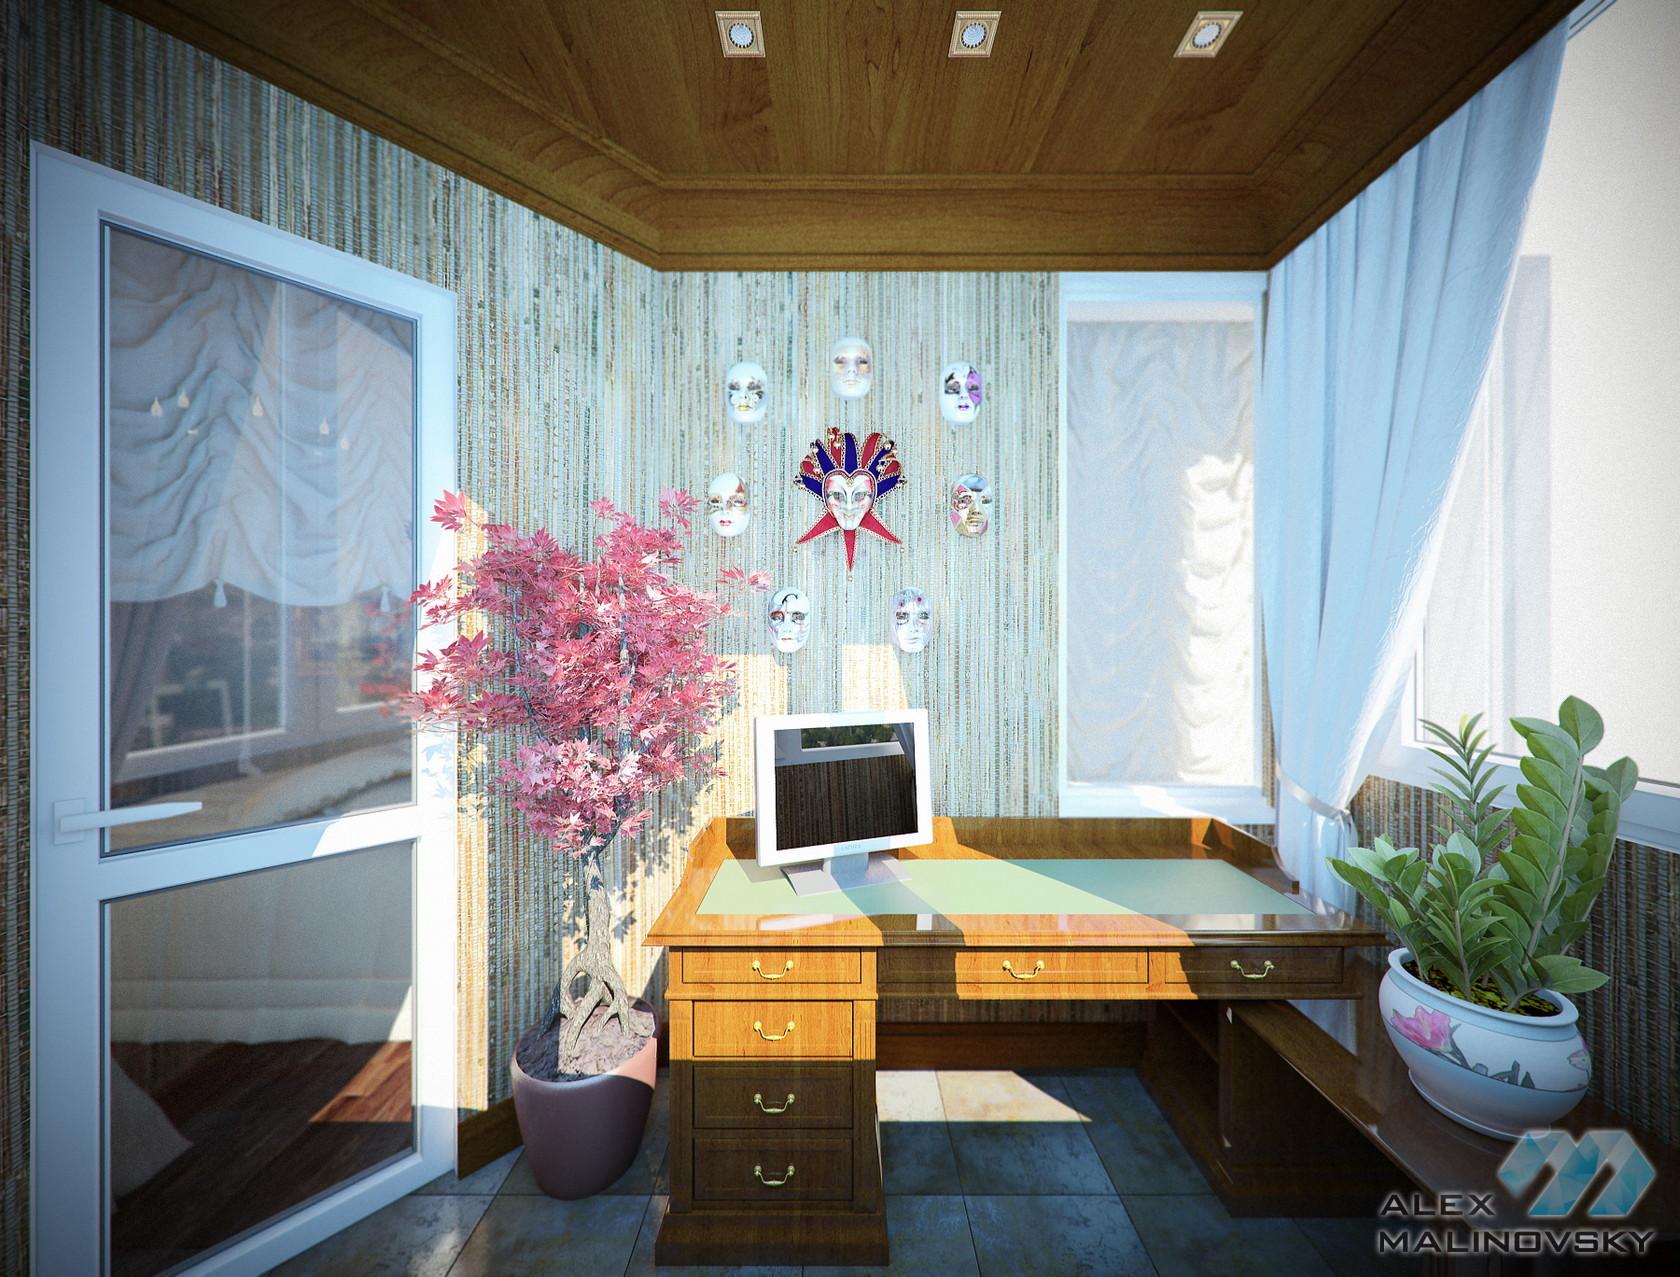 Балкон 1, 3х комнатная квартира, ЖК Доминанта, СПб